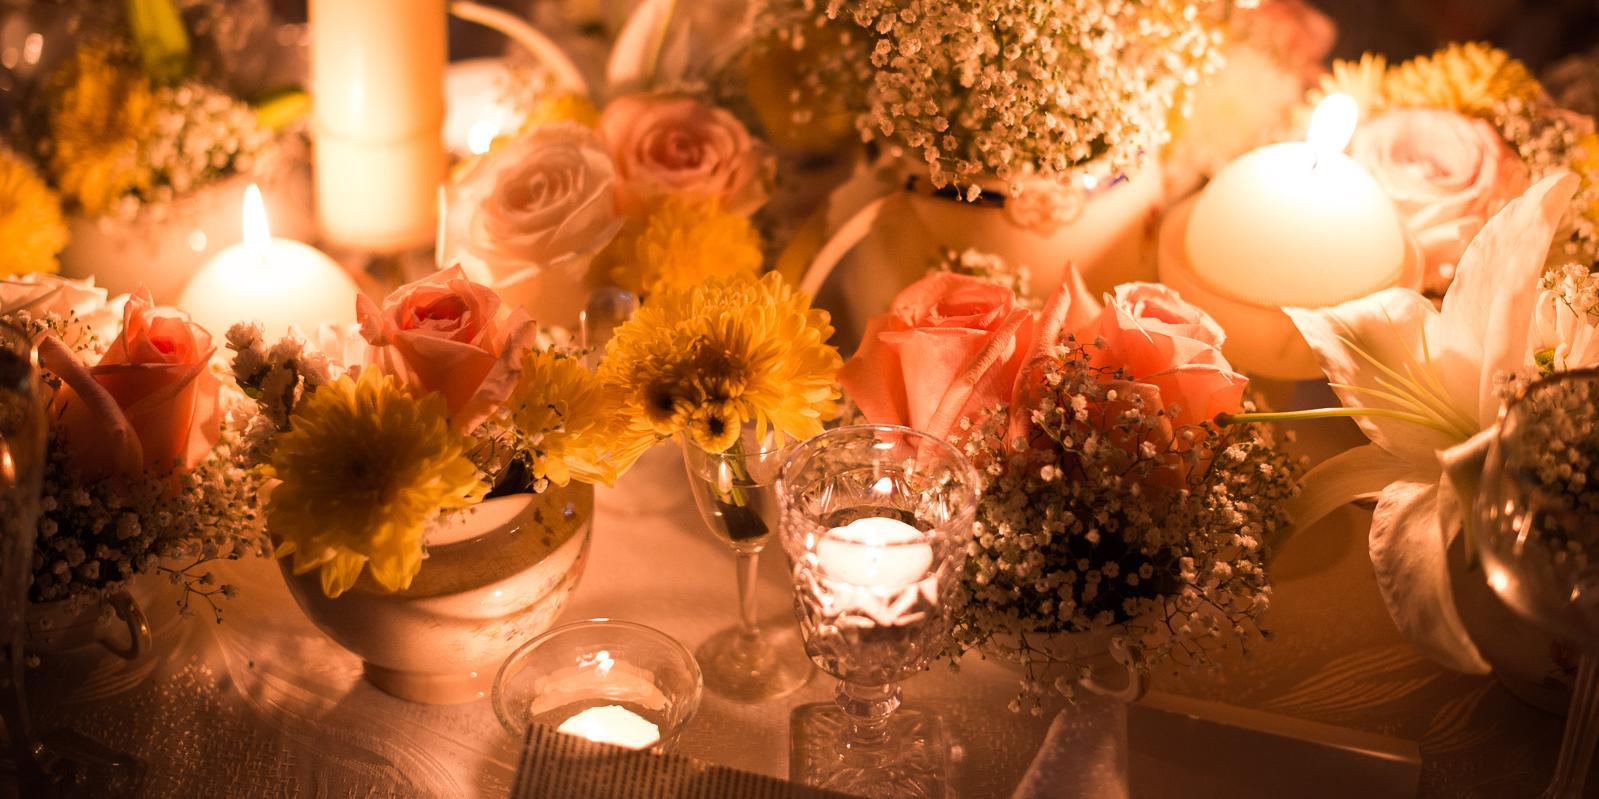 bodas-estilo-libre-sin-tema-cuba-7511.jpg